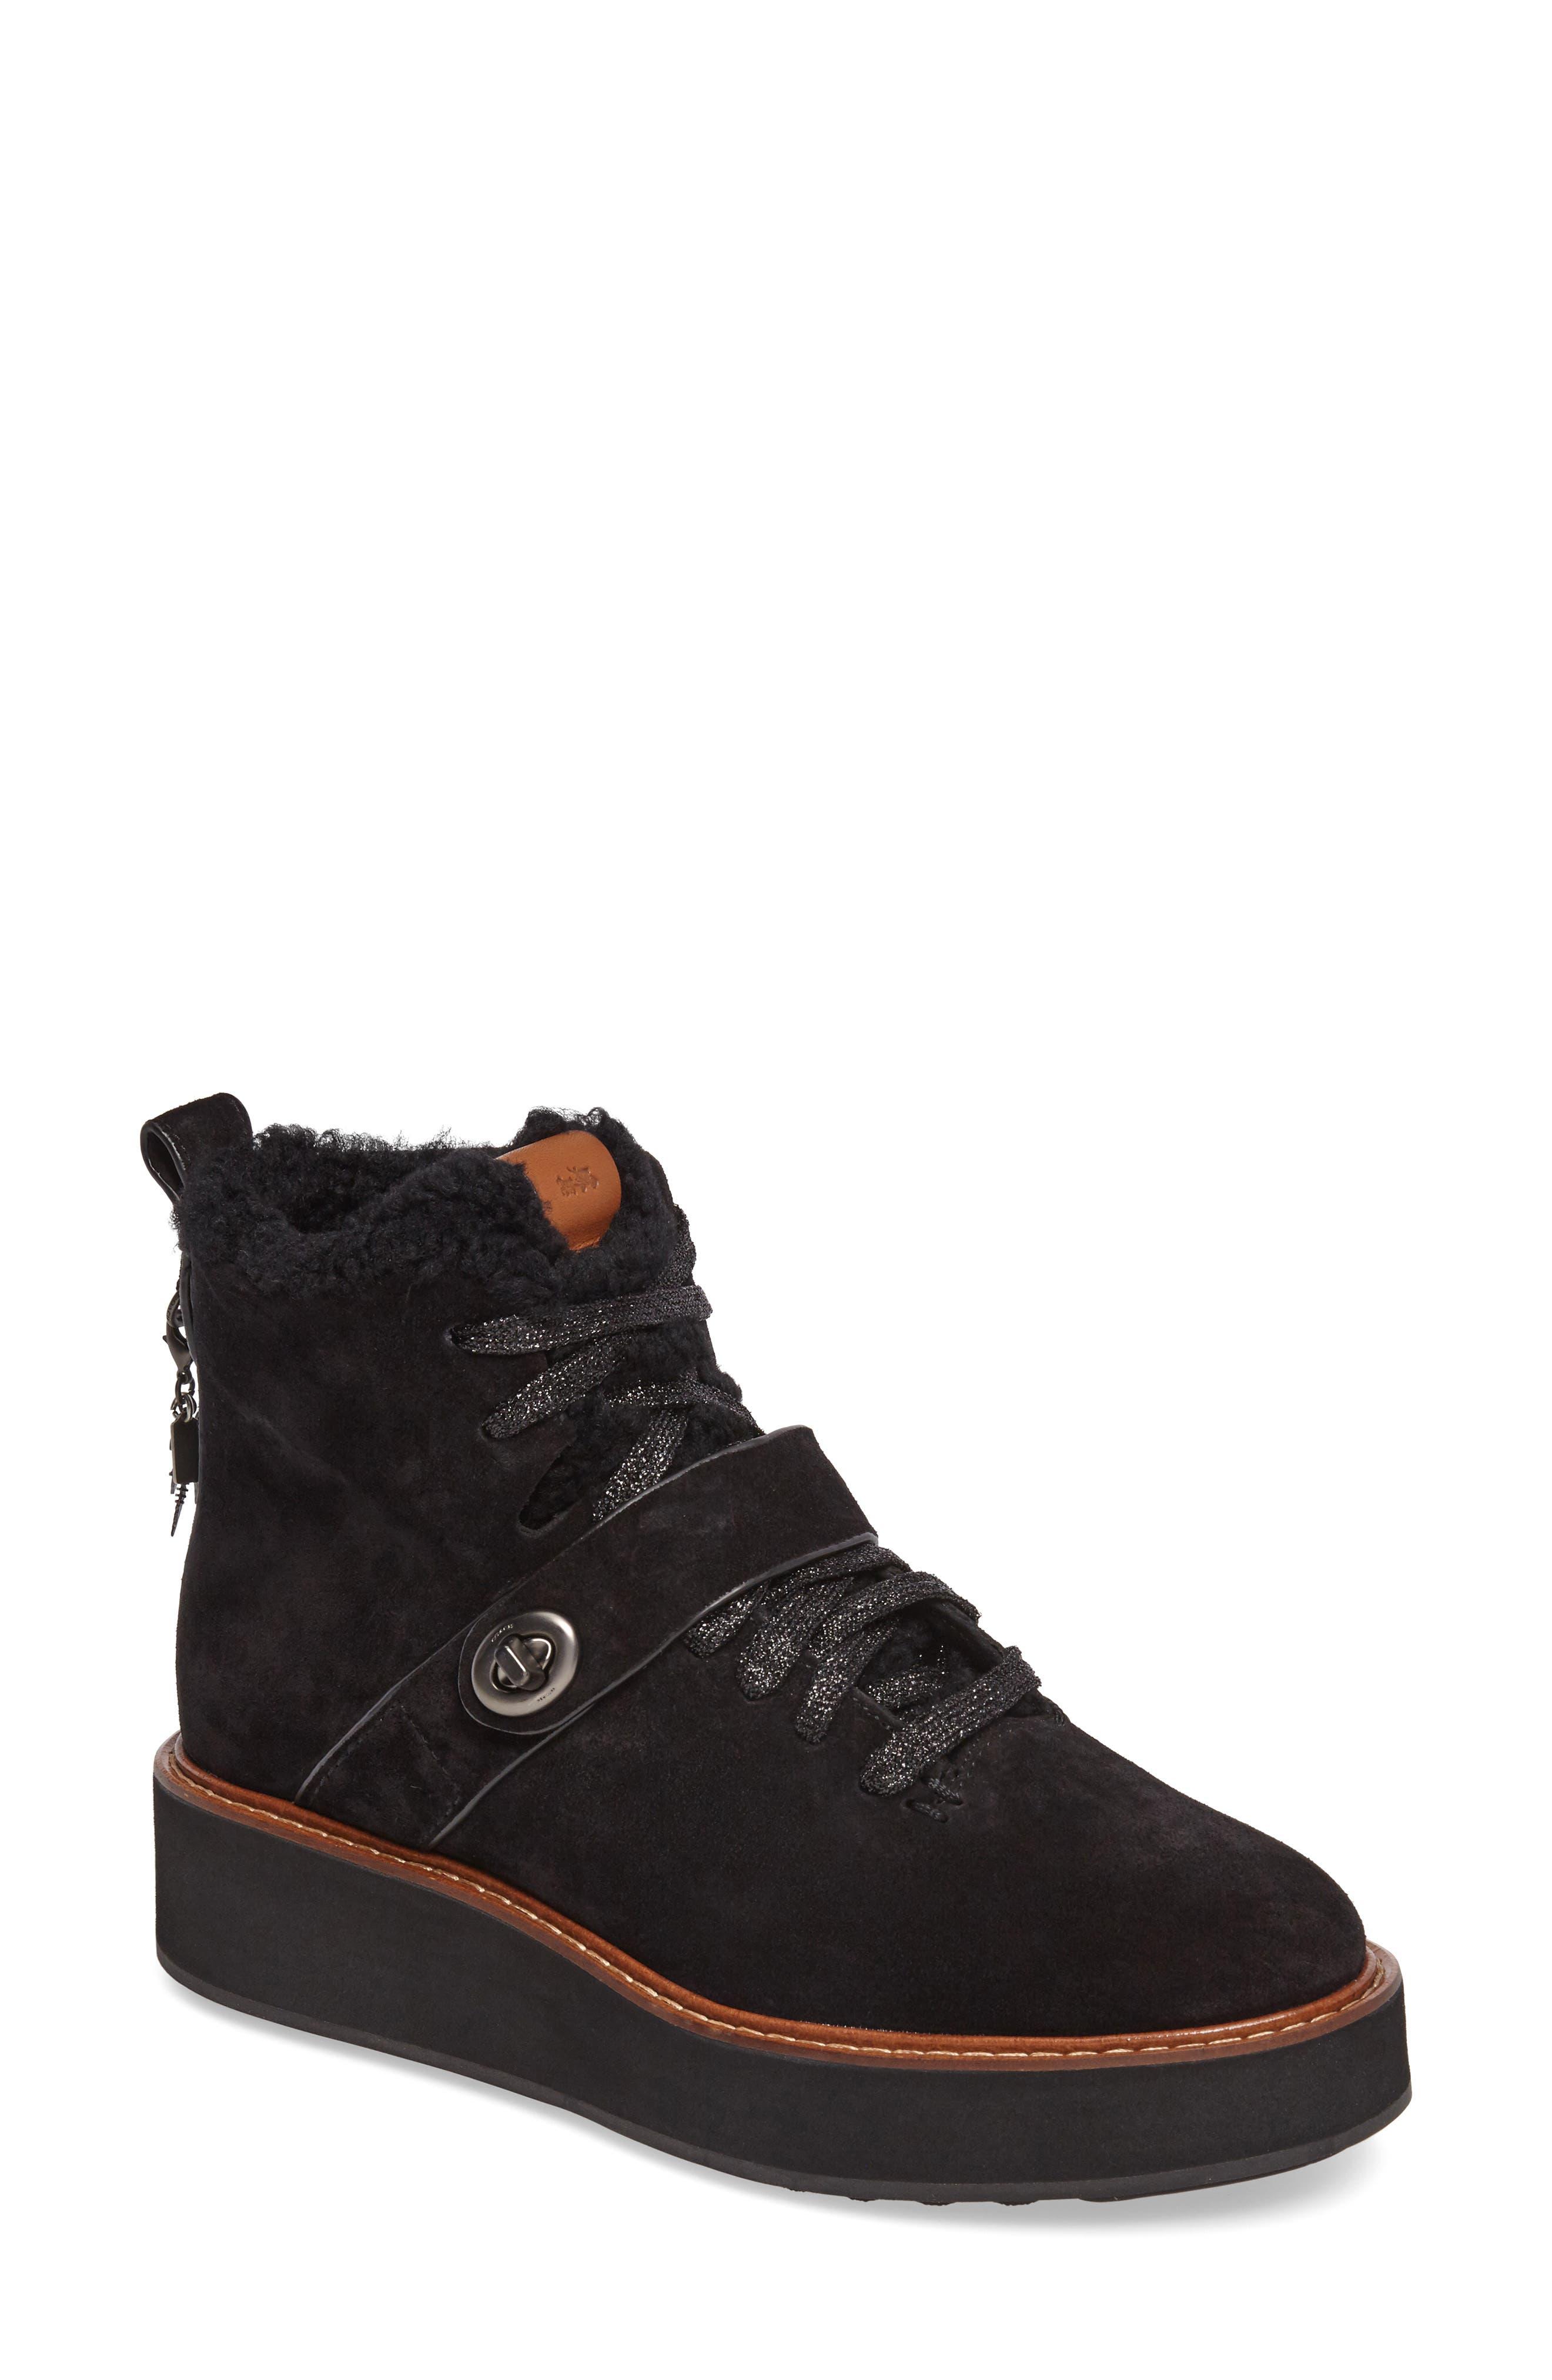 COACH Urban Hiker High Top Sneaker (Women)